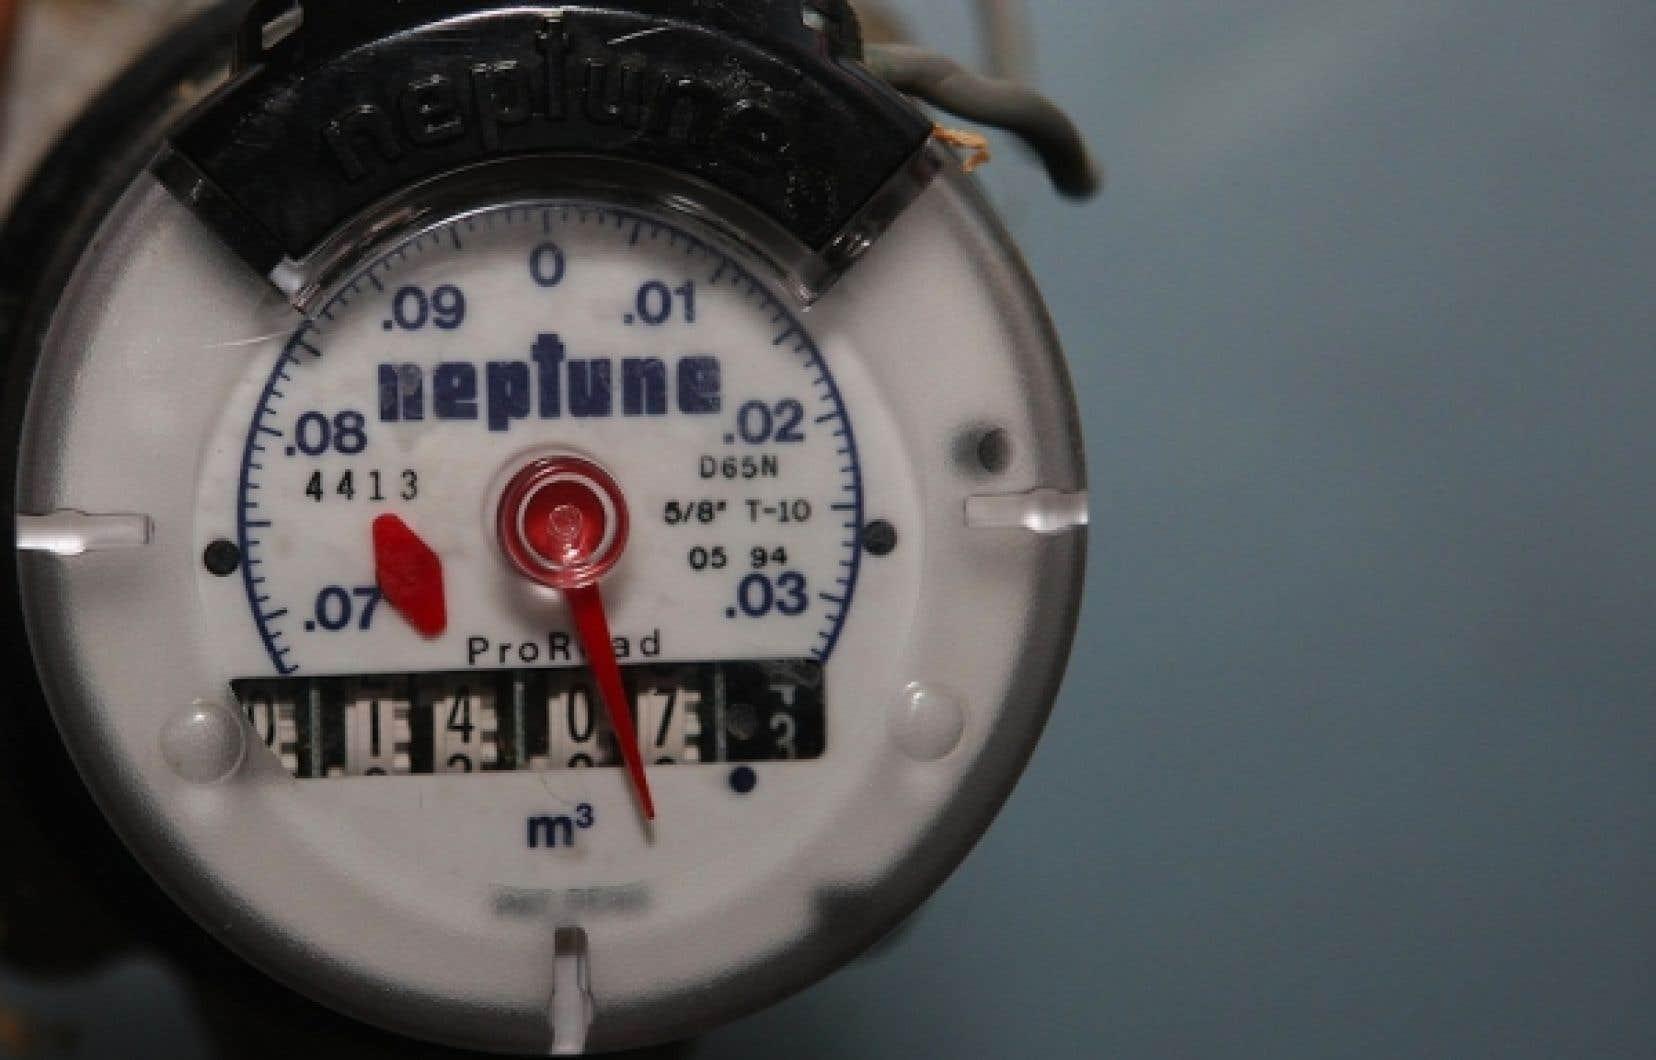 En 2009, le dossier des compteurs d'eau s'était soldé par un fiasco, avec l'annulation du contrat de 356 millions accordé par la Ville de Montréal à GÉNIeau.